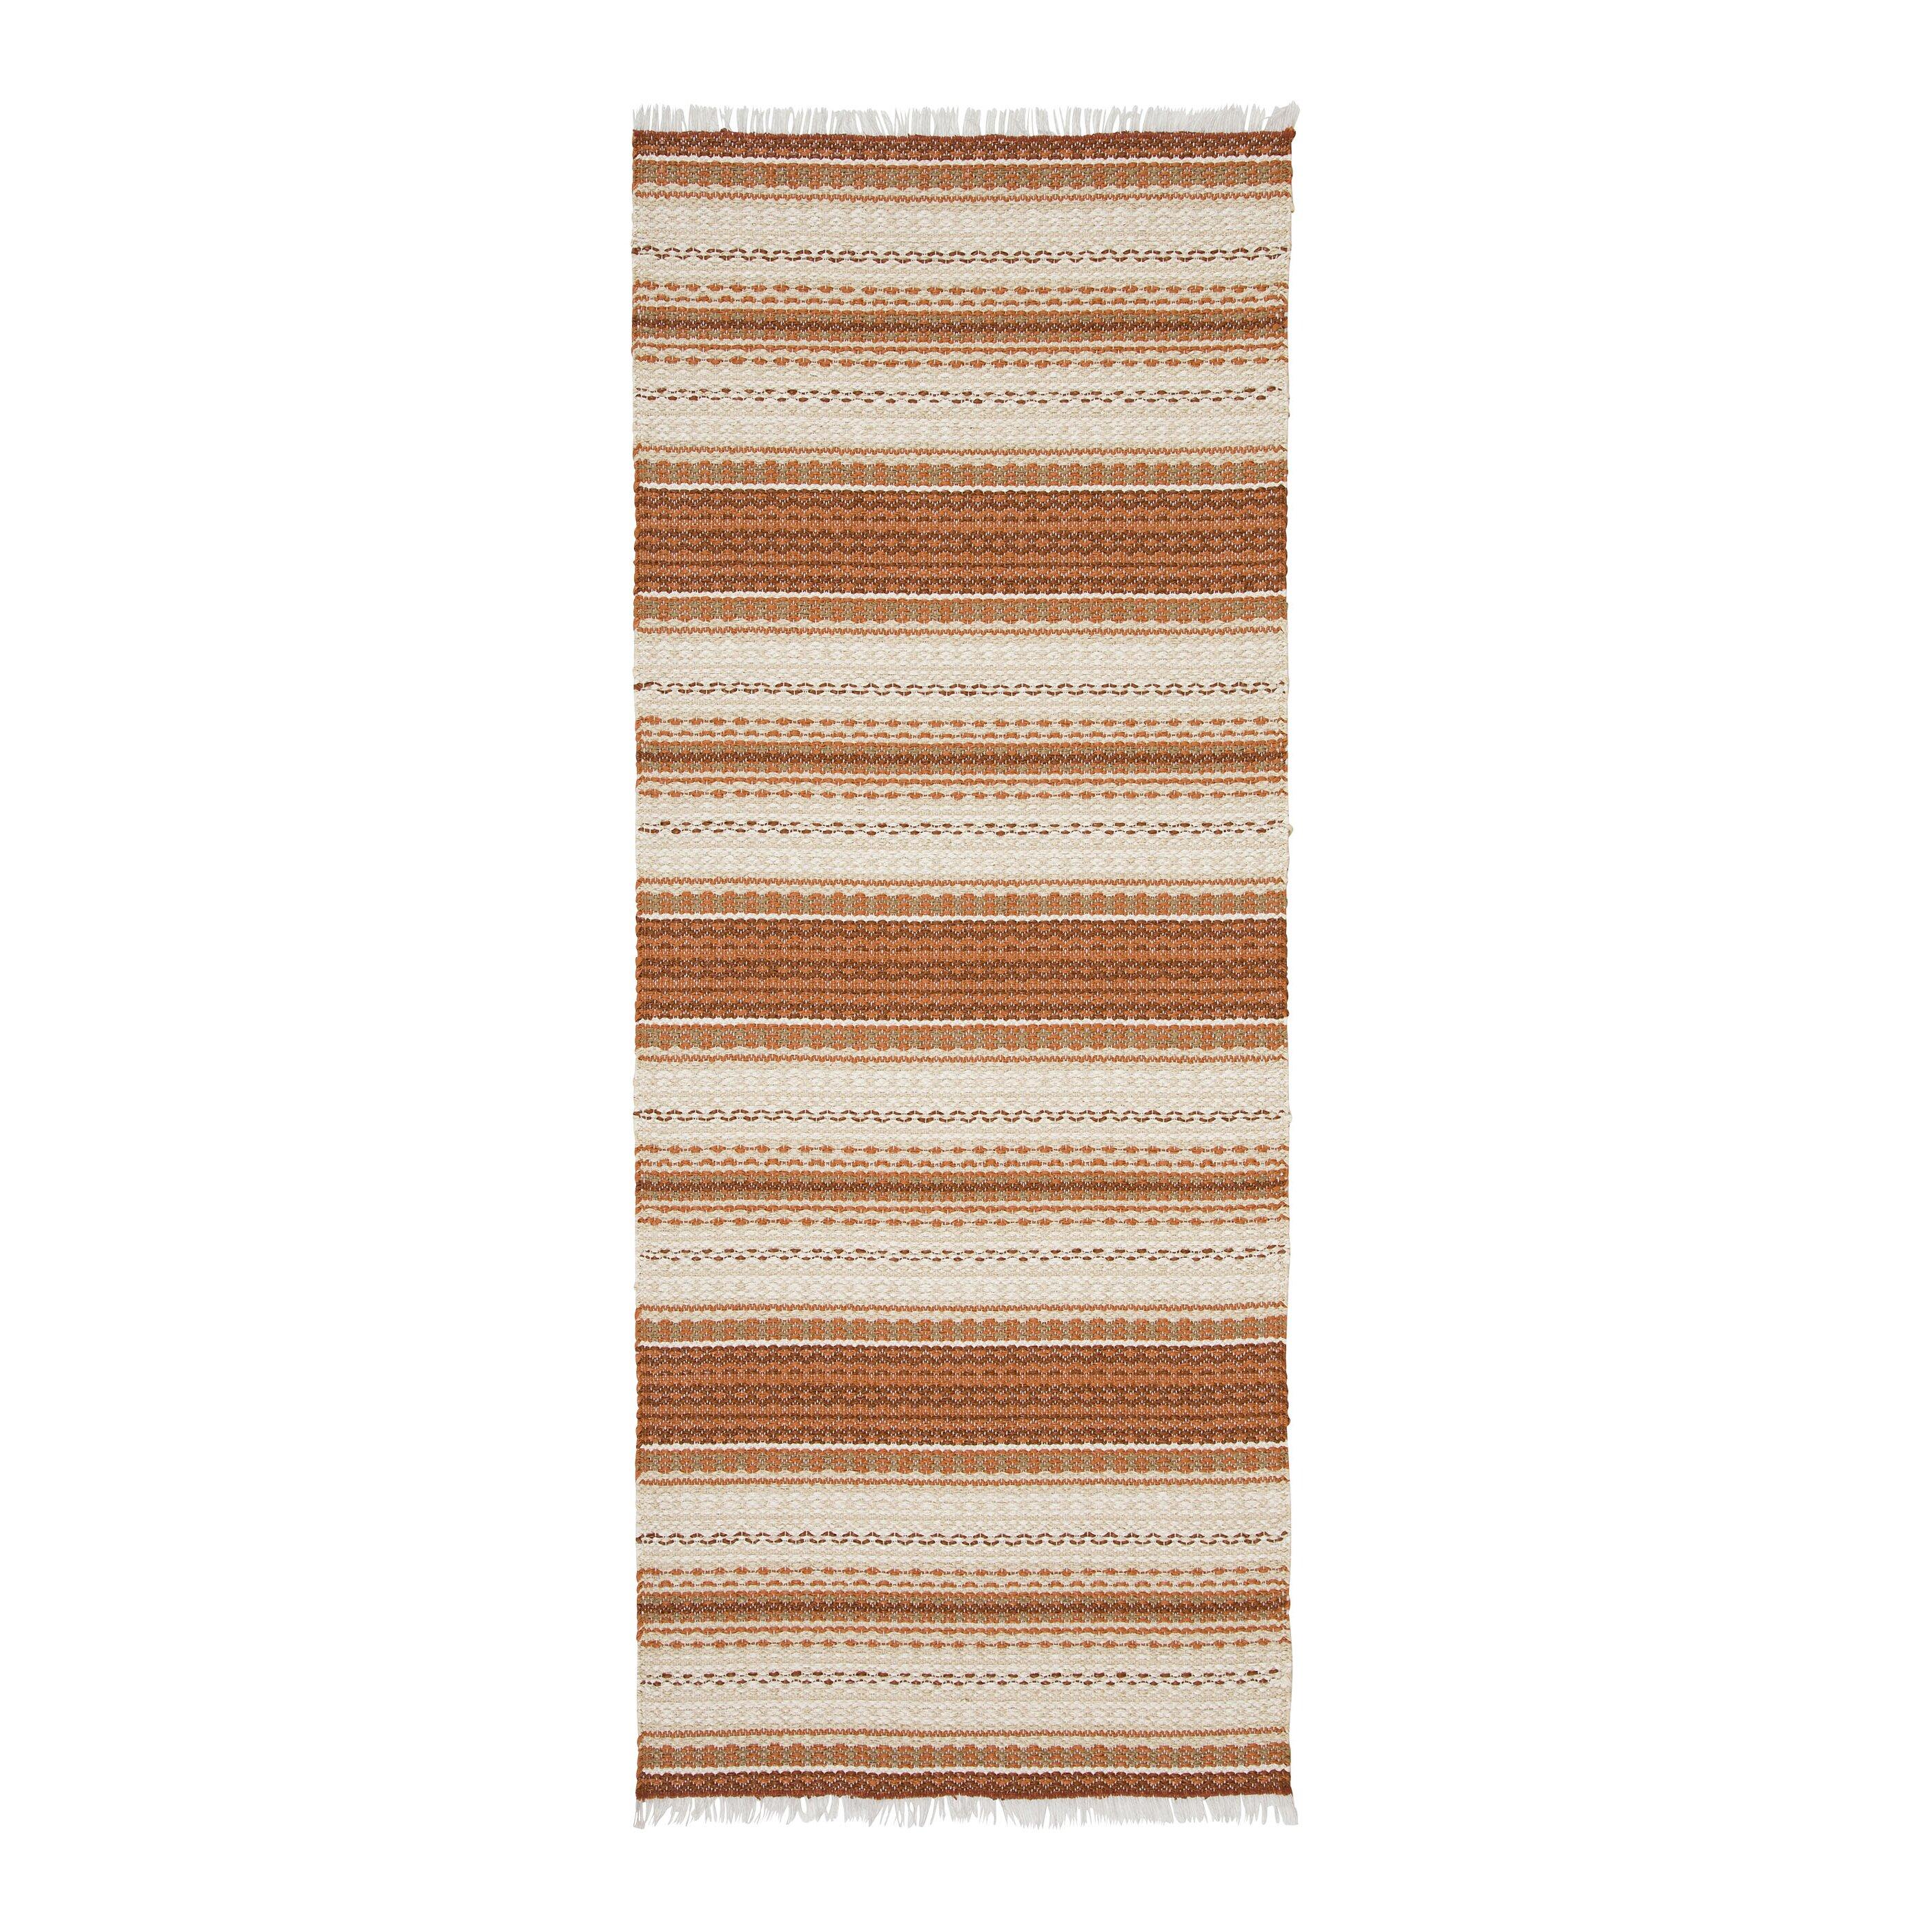 Swedy malva orange indoor outdoor area rug wayfair uk for Indoor outdoor rugs uk